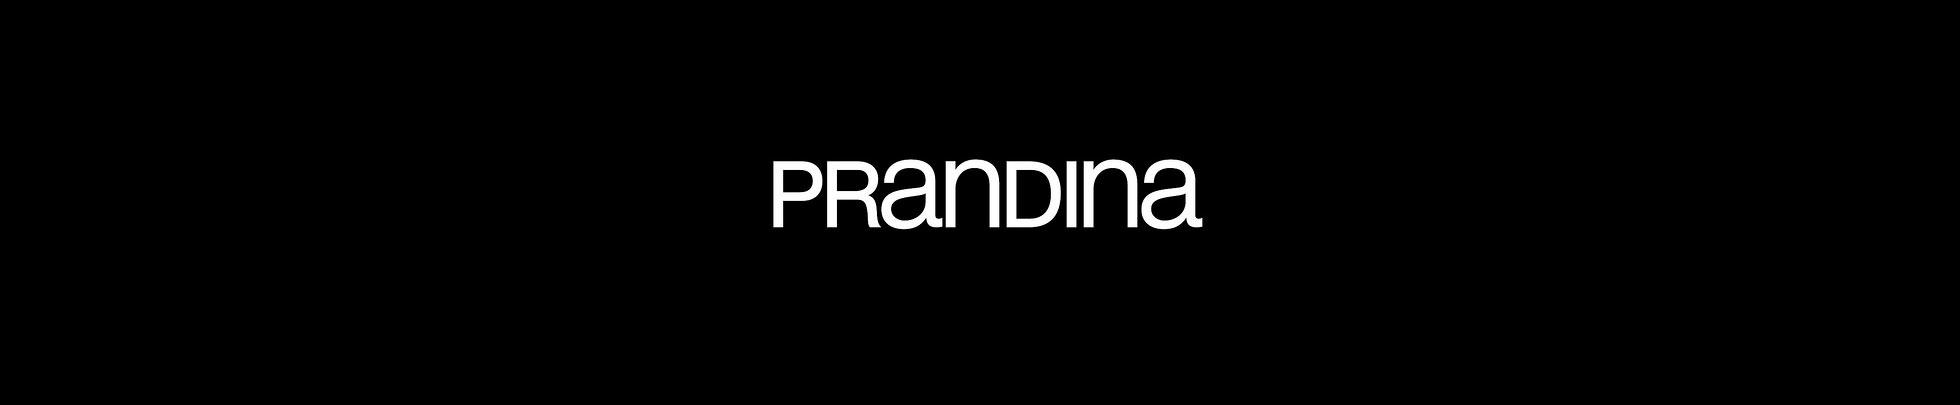 Prandina Leuchten